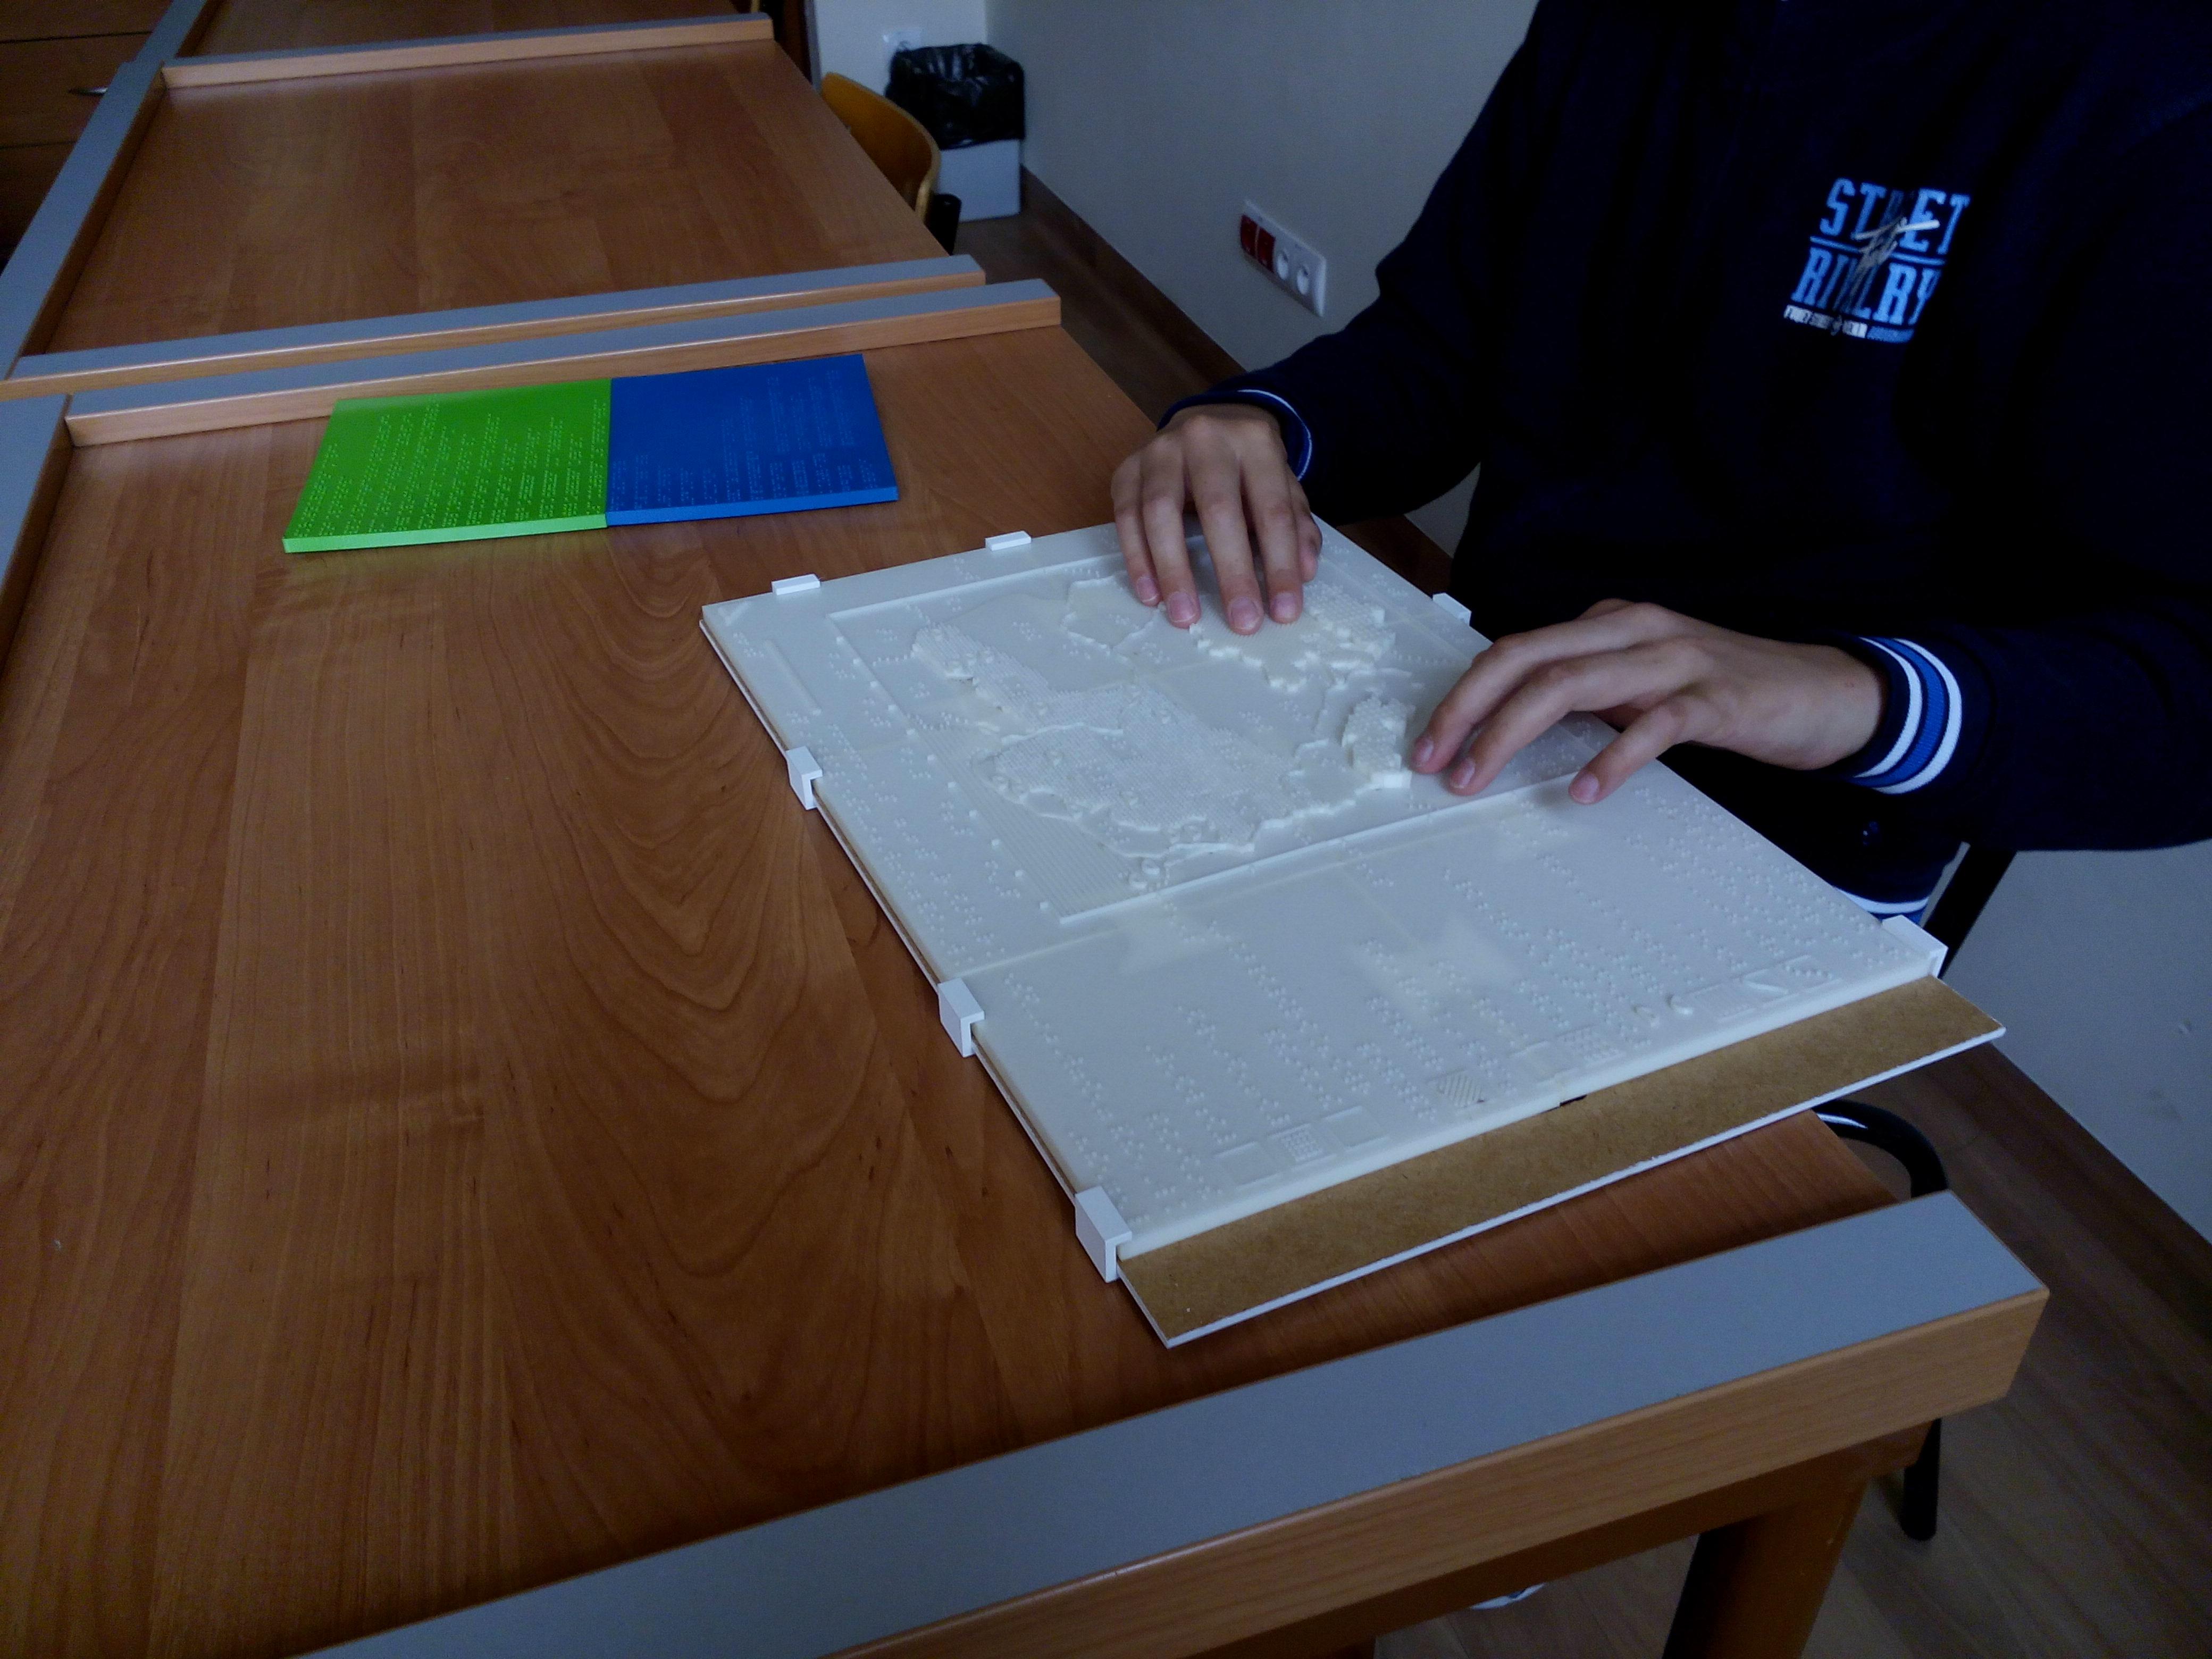 Rys. 4. Uczeń niewidomy w trakcie testów z opracowanym arkuszem mapy dotykowej, źródło: opracowanie własne.